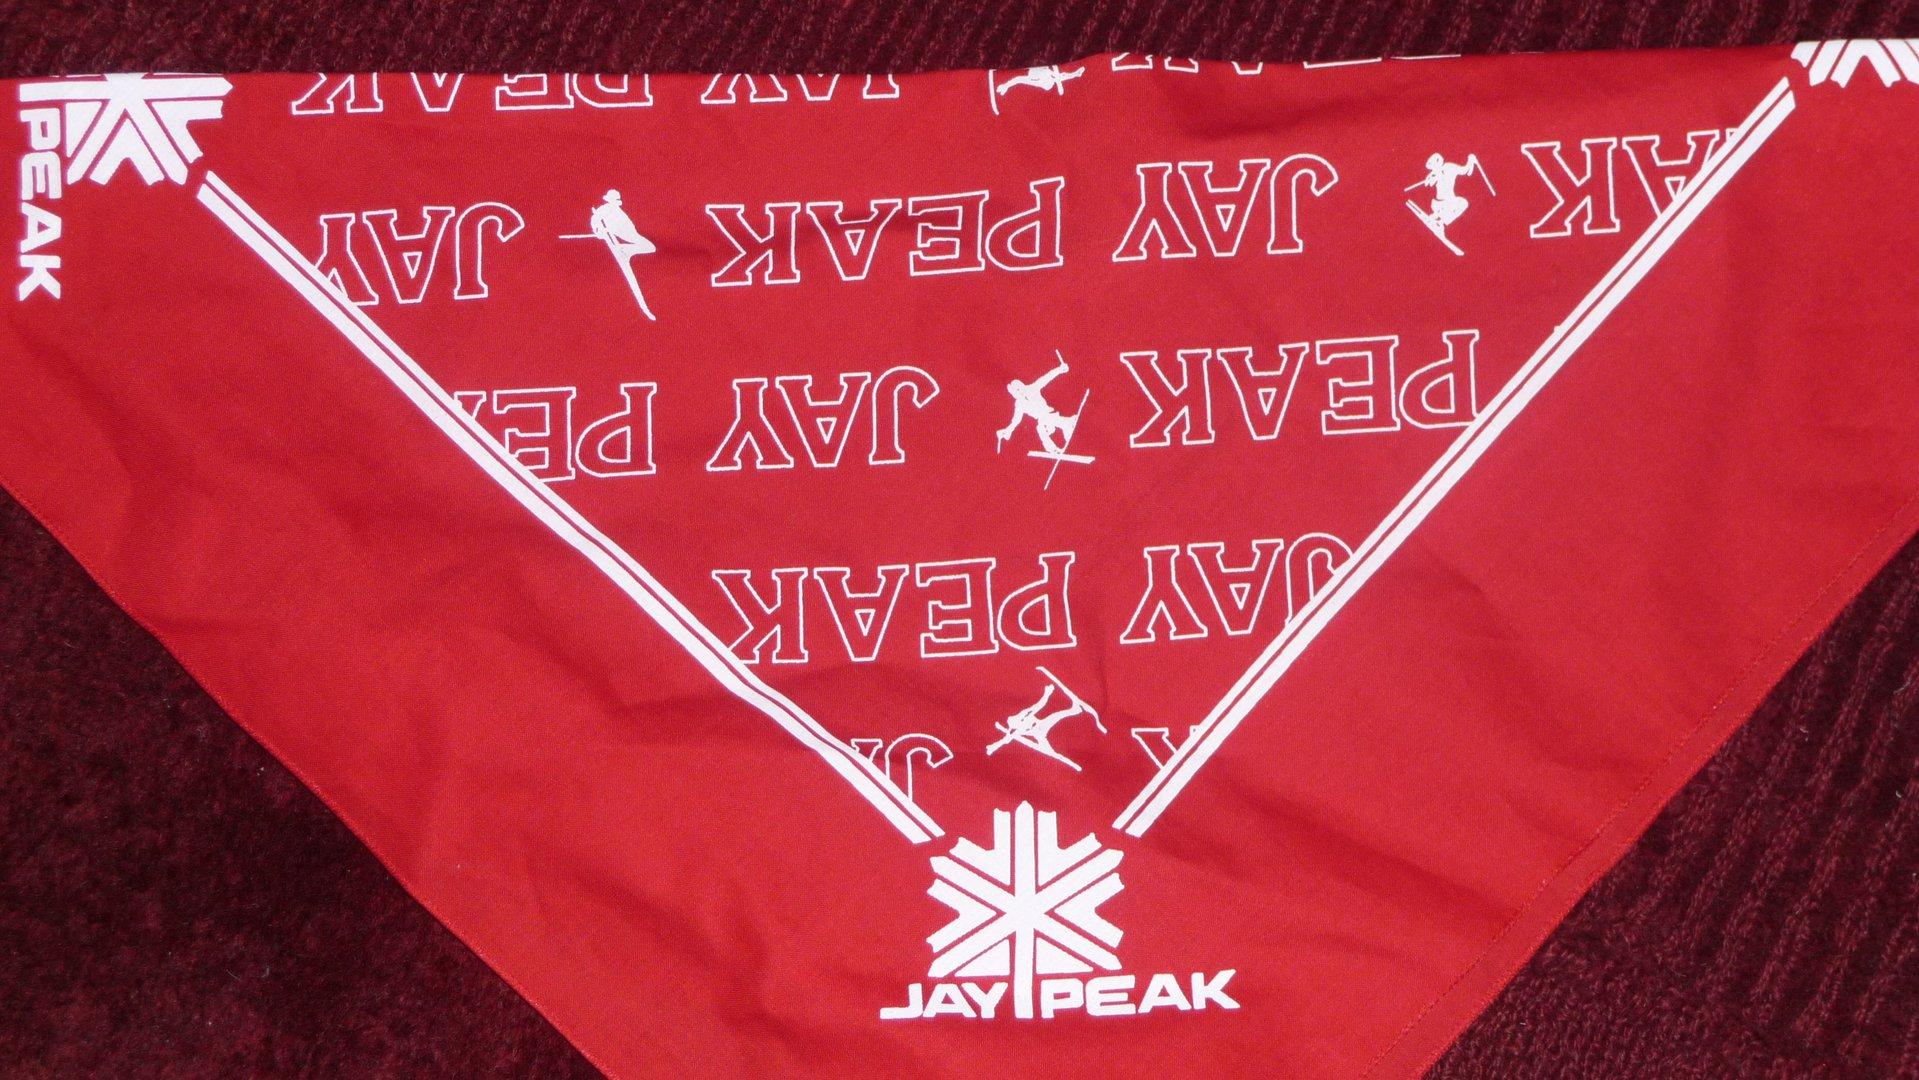 Jay peak bandana never used